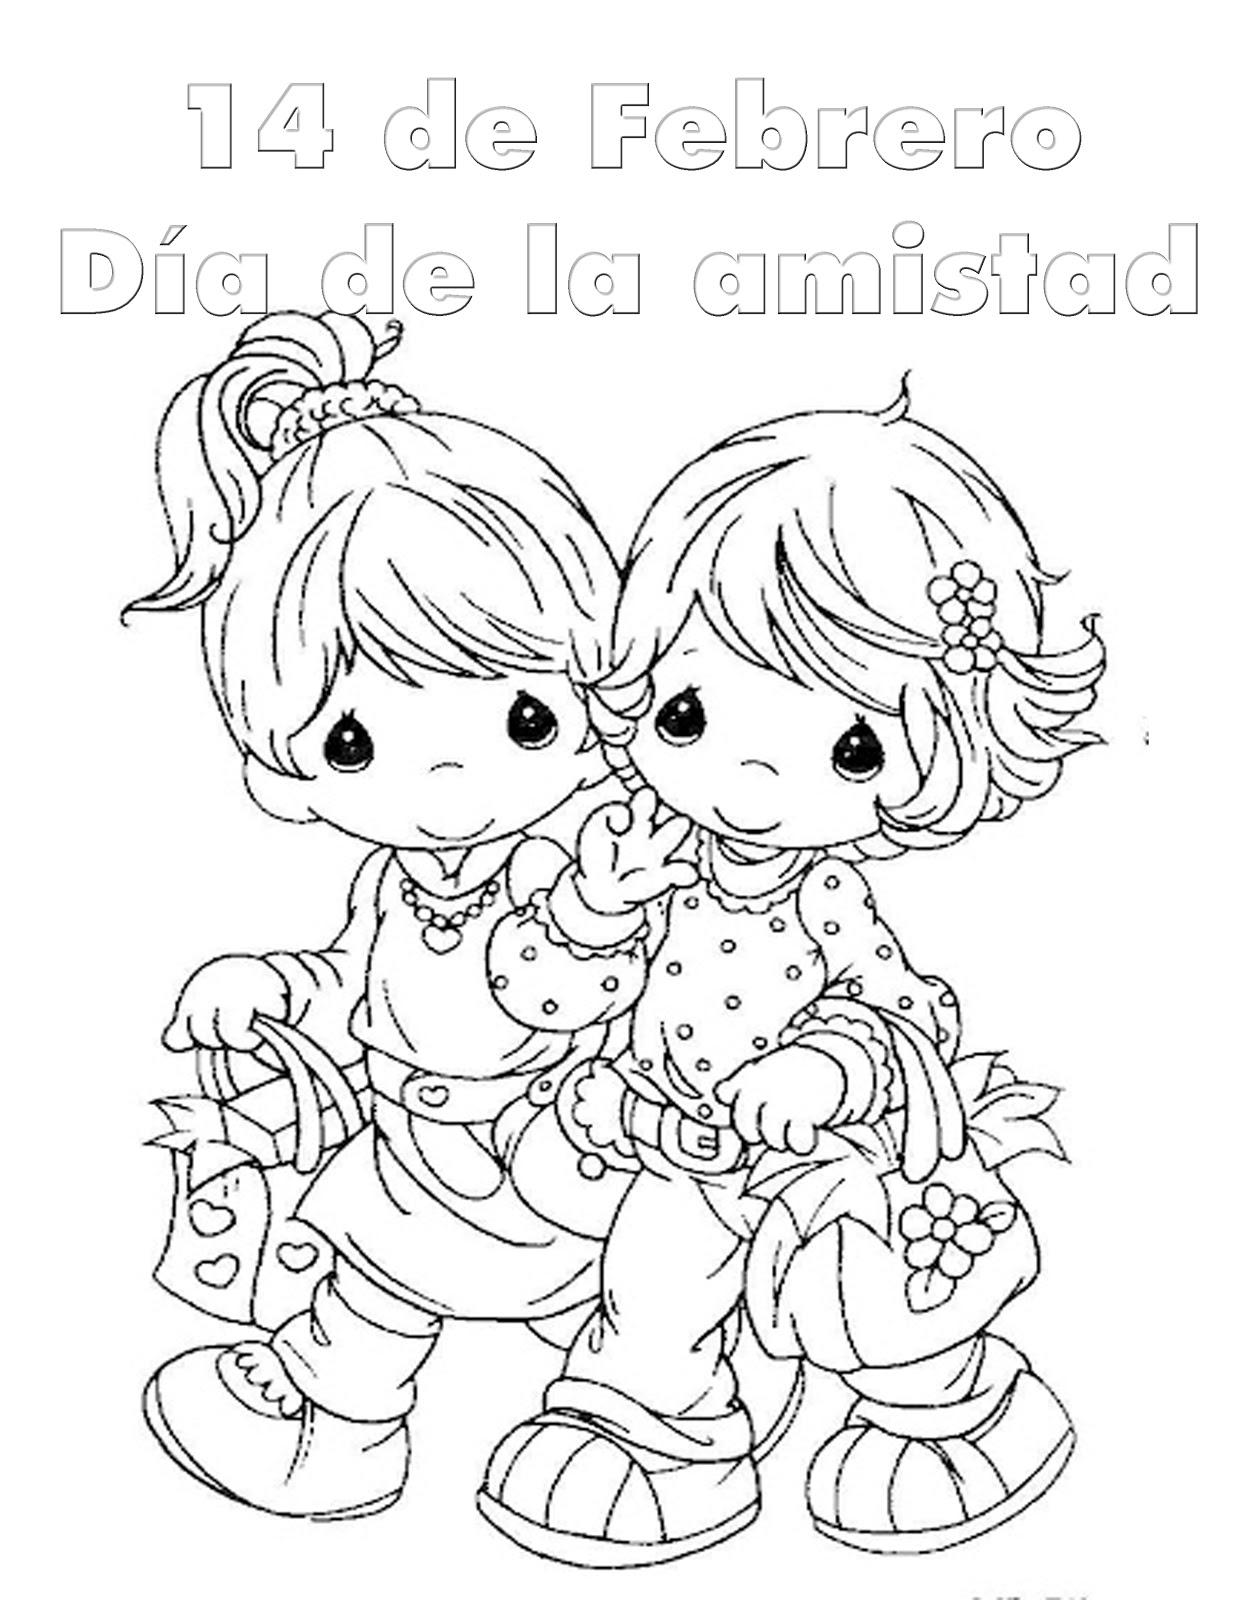 Coloreando Dibujos Bonitos Del Dia Del Amor Y La Amistad